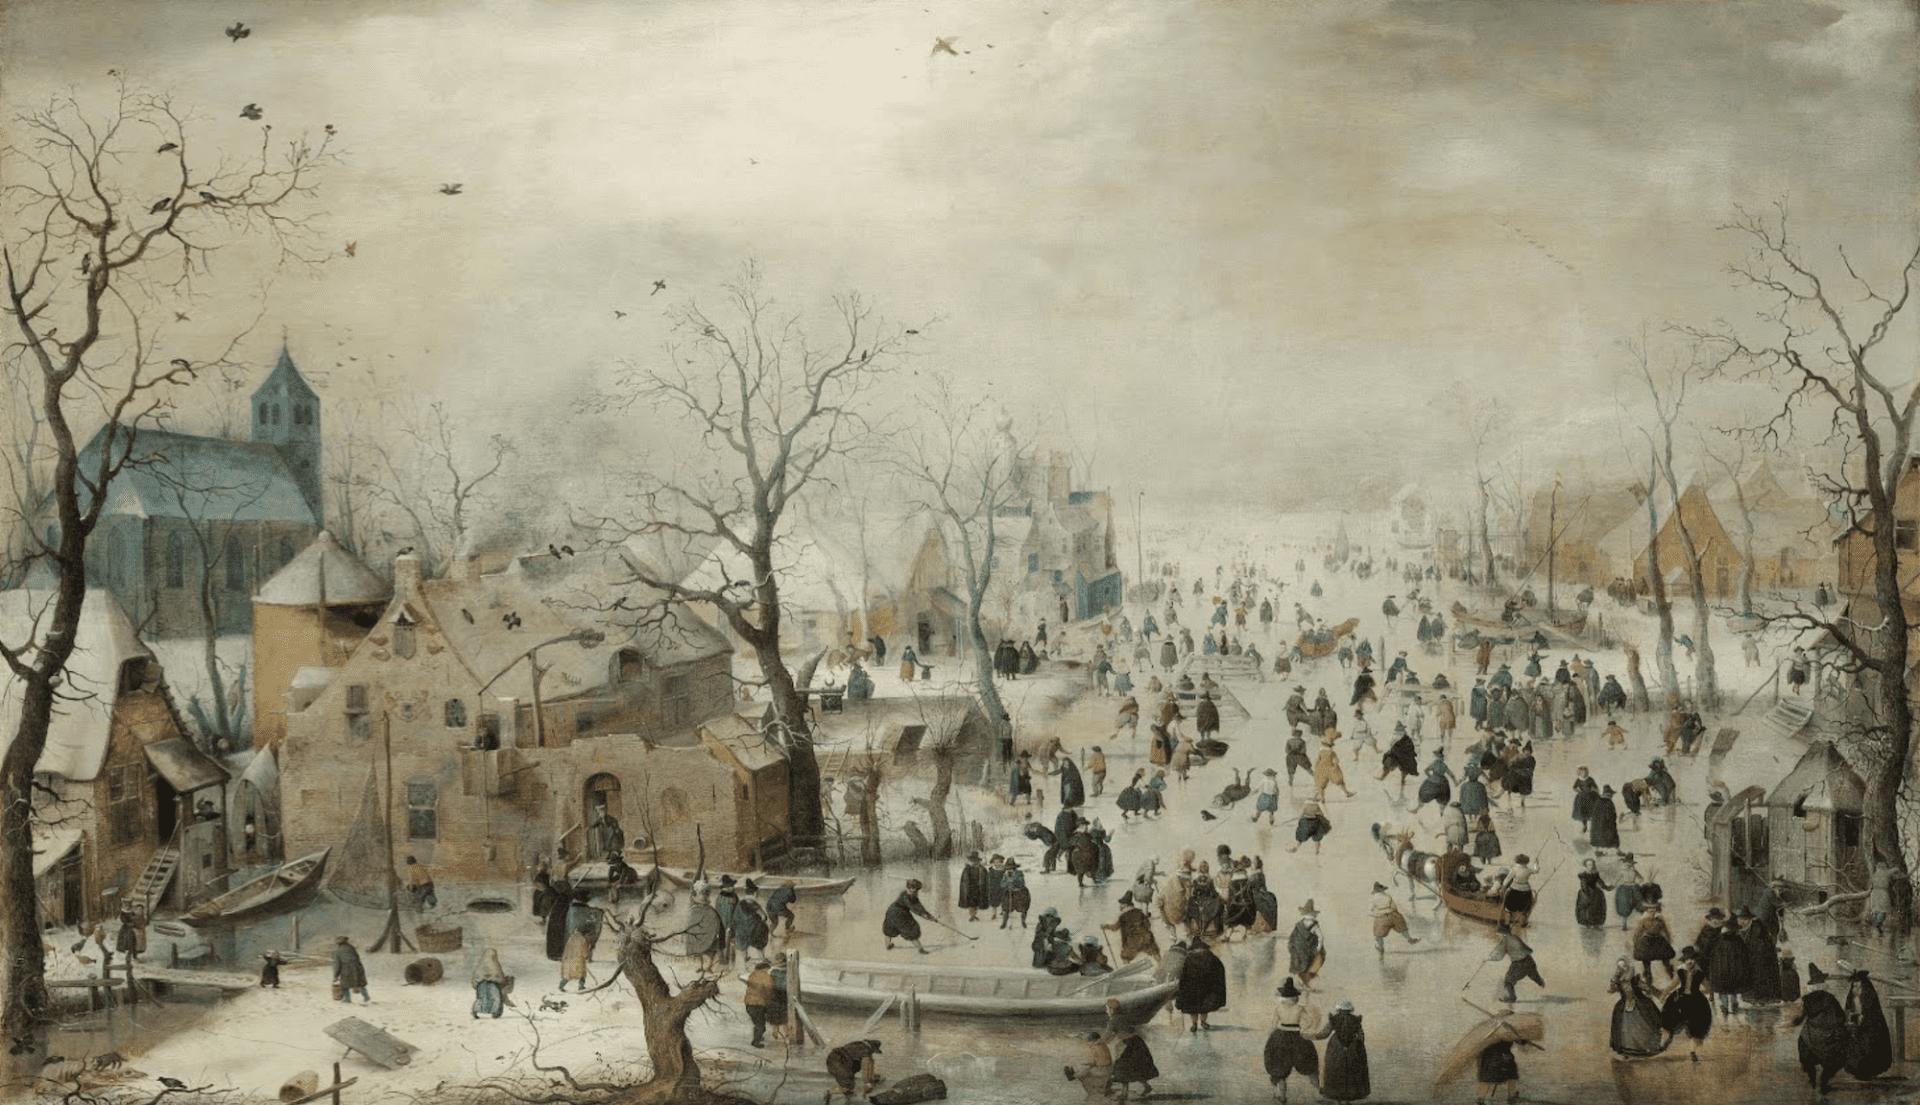 Le Rijksmuseum met à disposition 709 000 œuvres gratuitement en HD ! (vidéo sur Bidfoly.com) Par Maxime Delmas Musee-rijksmuseum-oeuvres-4-1920x1105